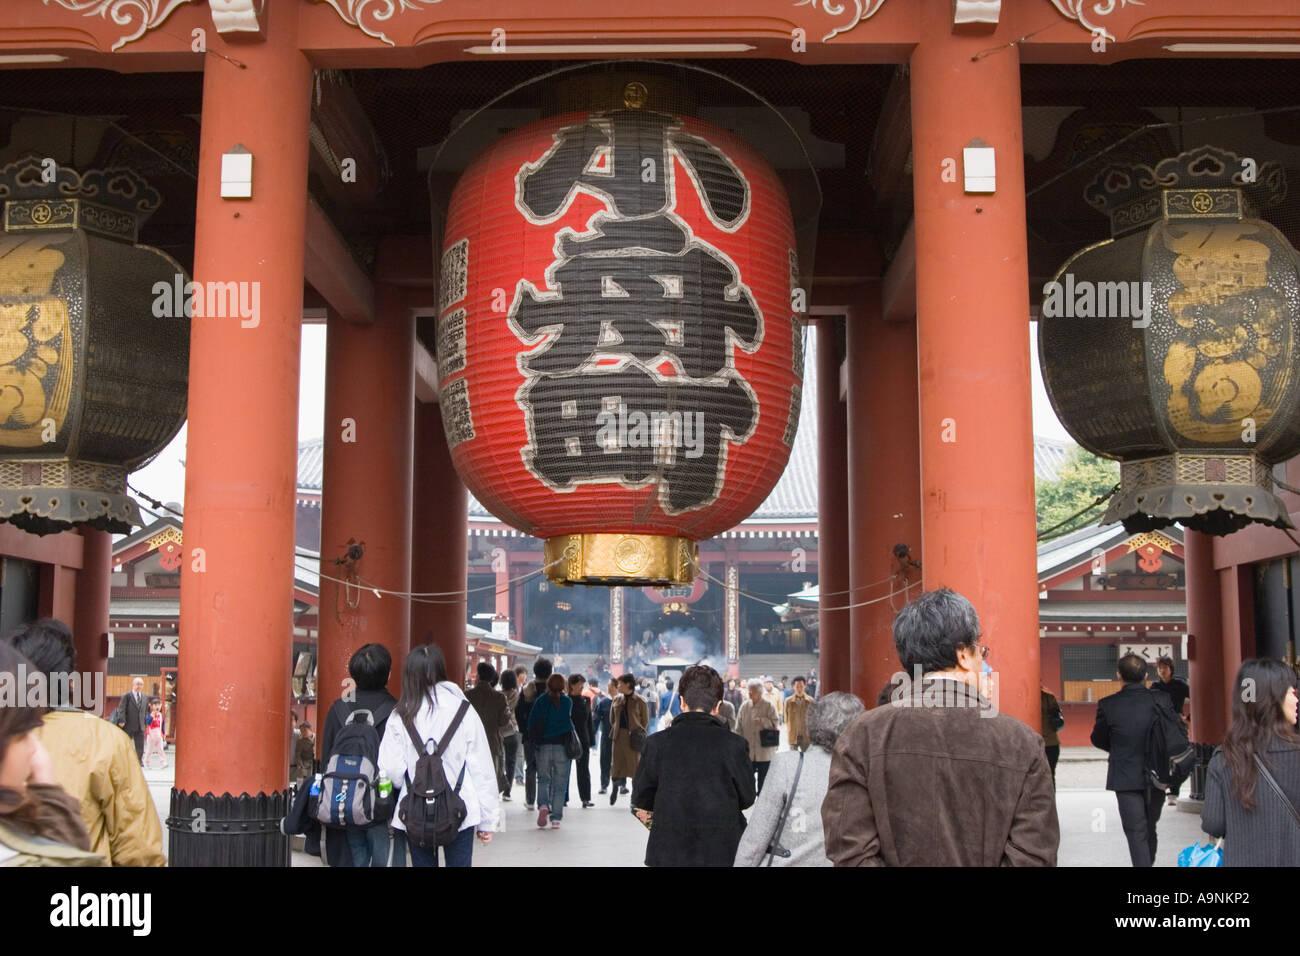 Giant paper lantern hangs below Hozo mon Gate at Senso ji aka Asakusa Kannon Temple in the Asakusa district of Tokyo Stock Photo